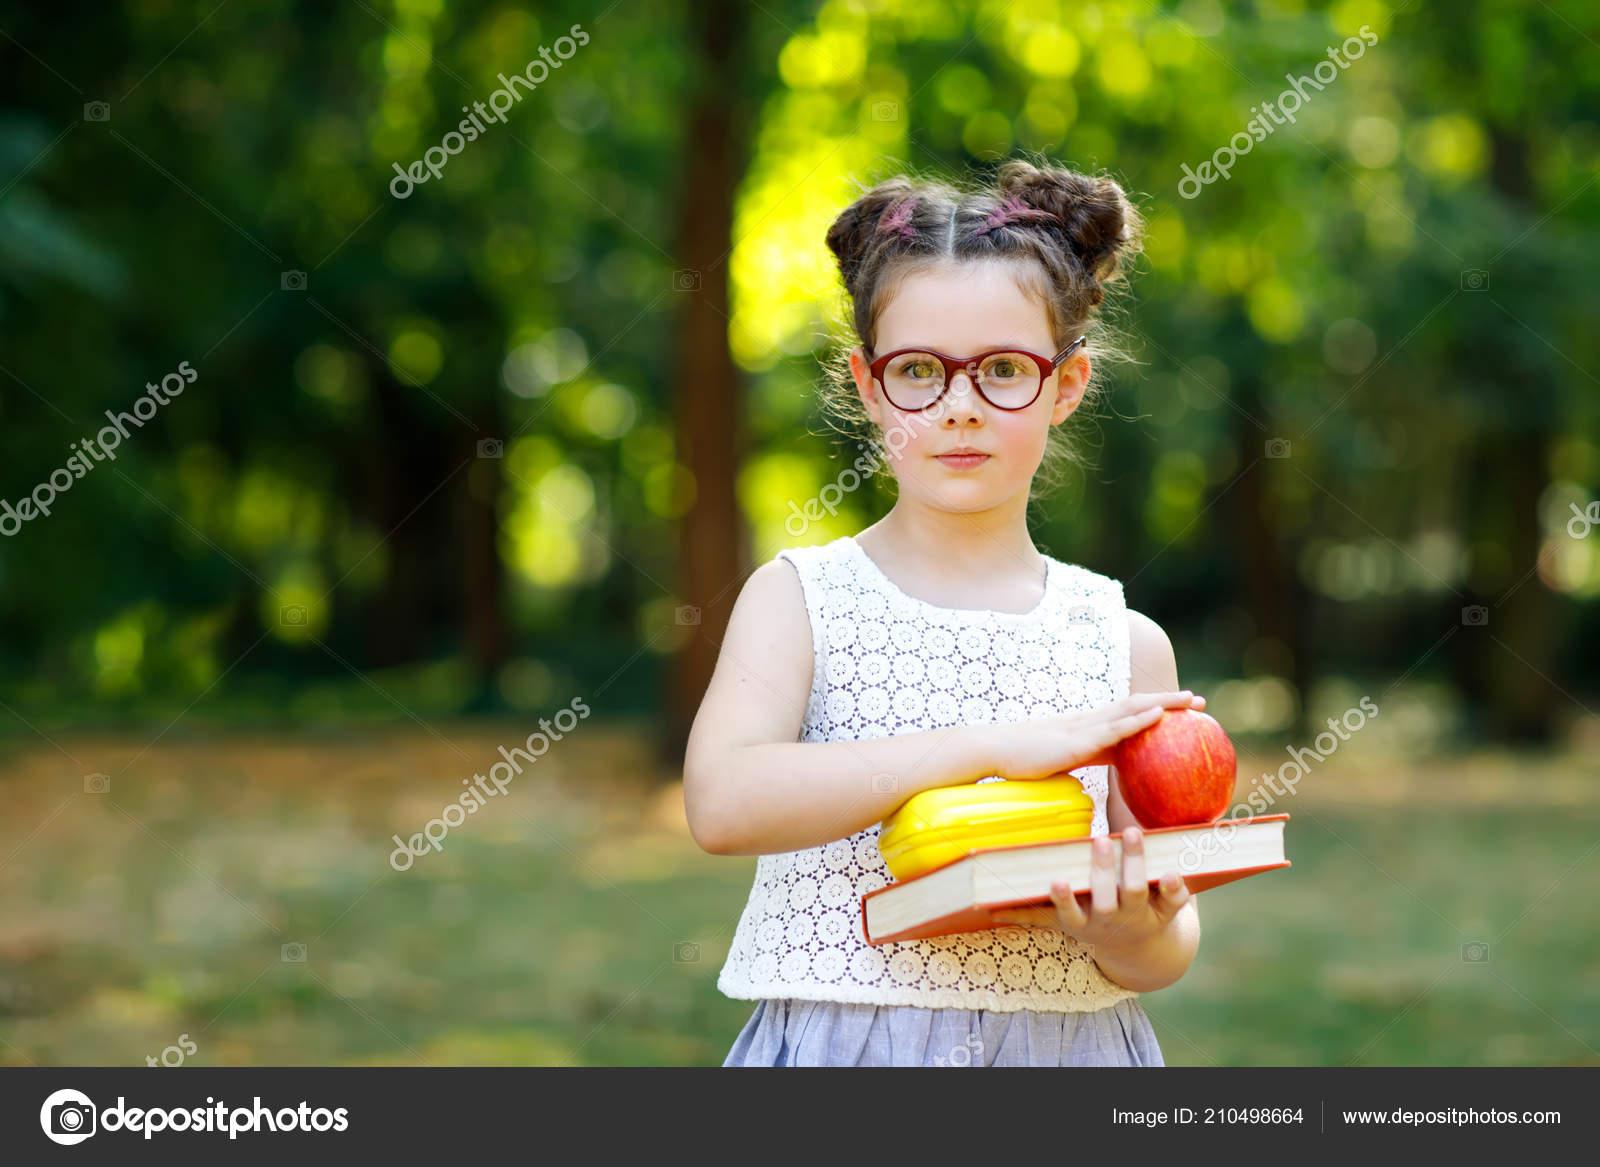 Divertida adorable niño niña con lentes, libro, manzana y mochila el primer  día a la escuela o guardería. Niño al aire libre en día asoleado caliente,  ...